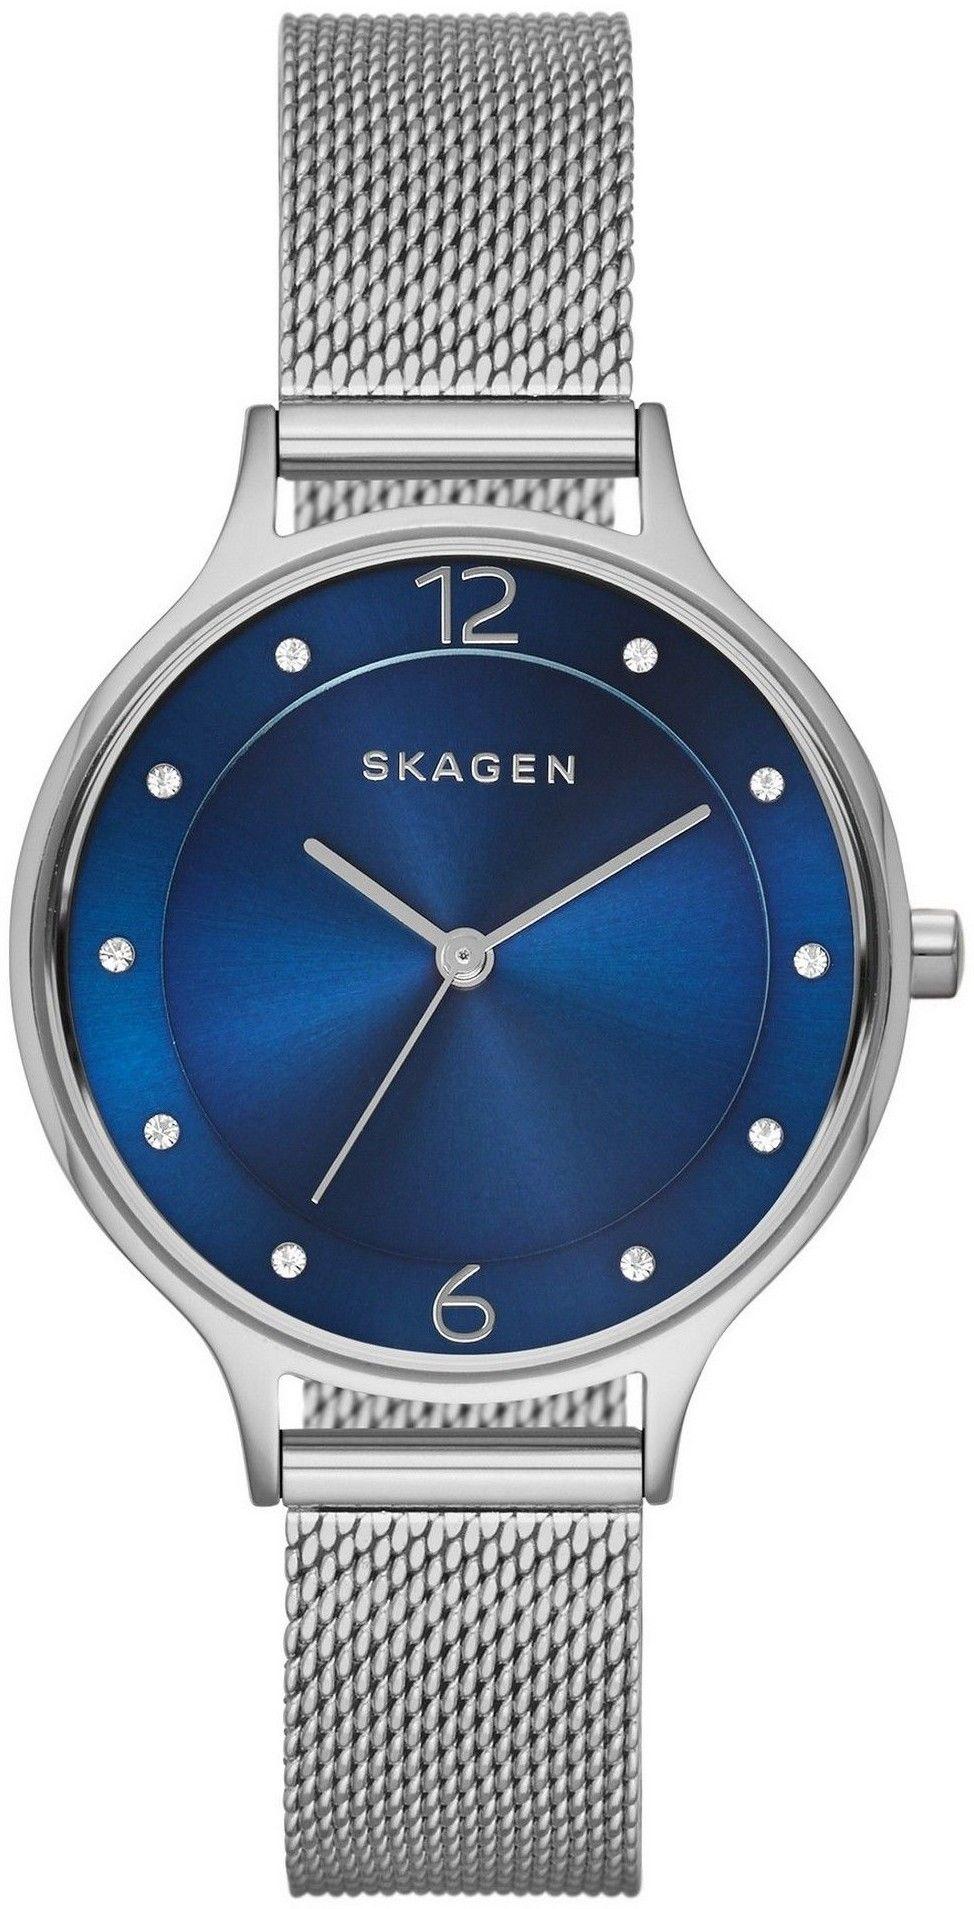 Zegarek Skagen SKW2307 ANITA - CENA DO NEGOCJACJI - DOSTAWA DHL GRATIS, KUPUJ BEZ RYZYKA - 100 dni na zwrot, możliwość wygrawerowania dowolnego tekstu.